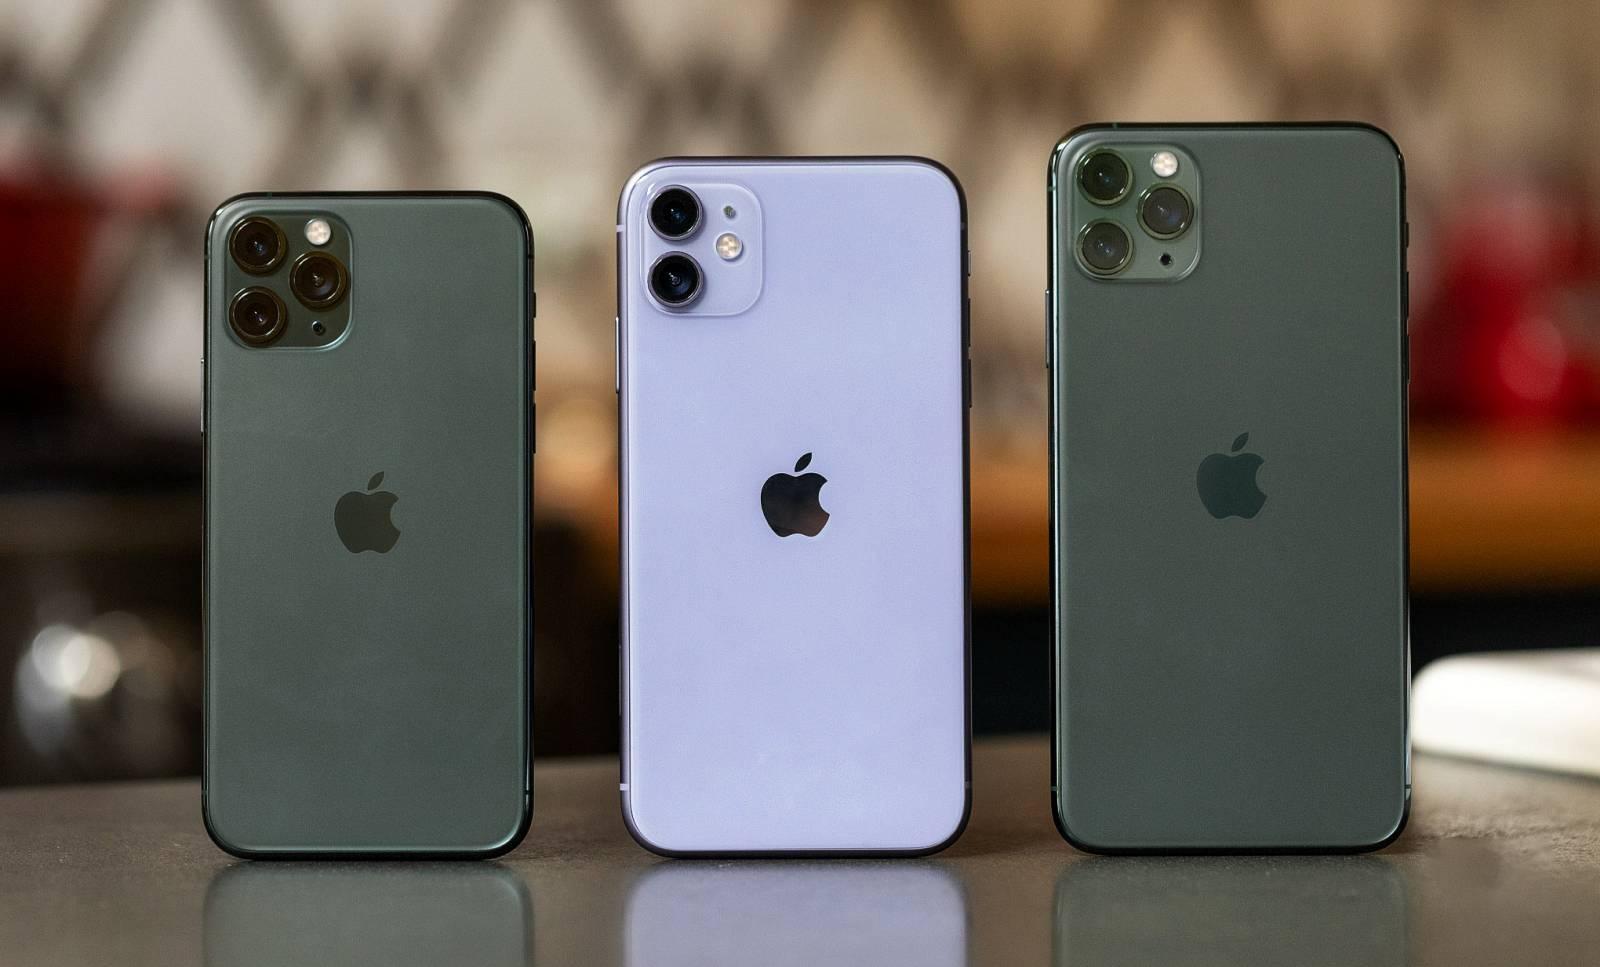 iPhone 11 Pro vanzari mari apple creasca productia